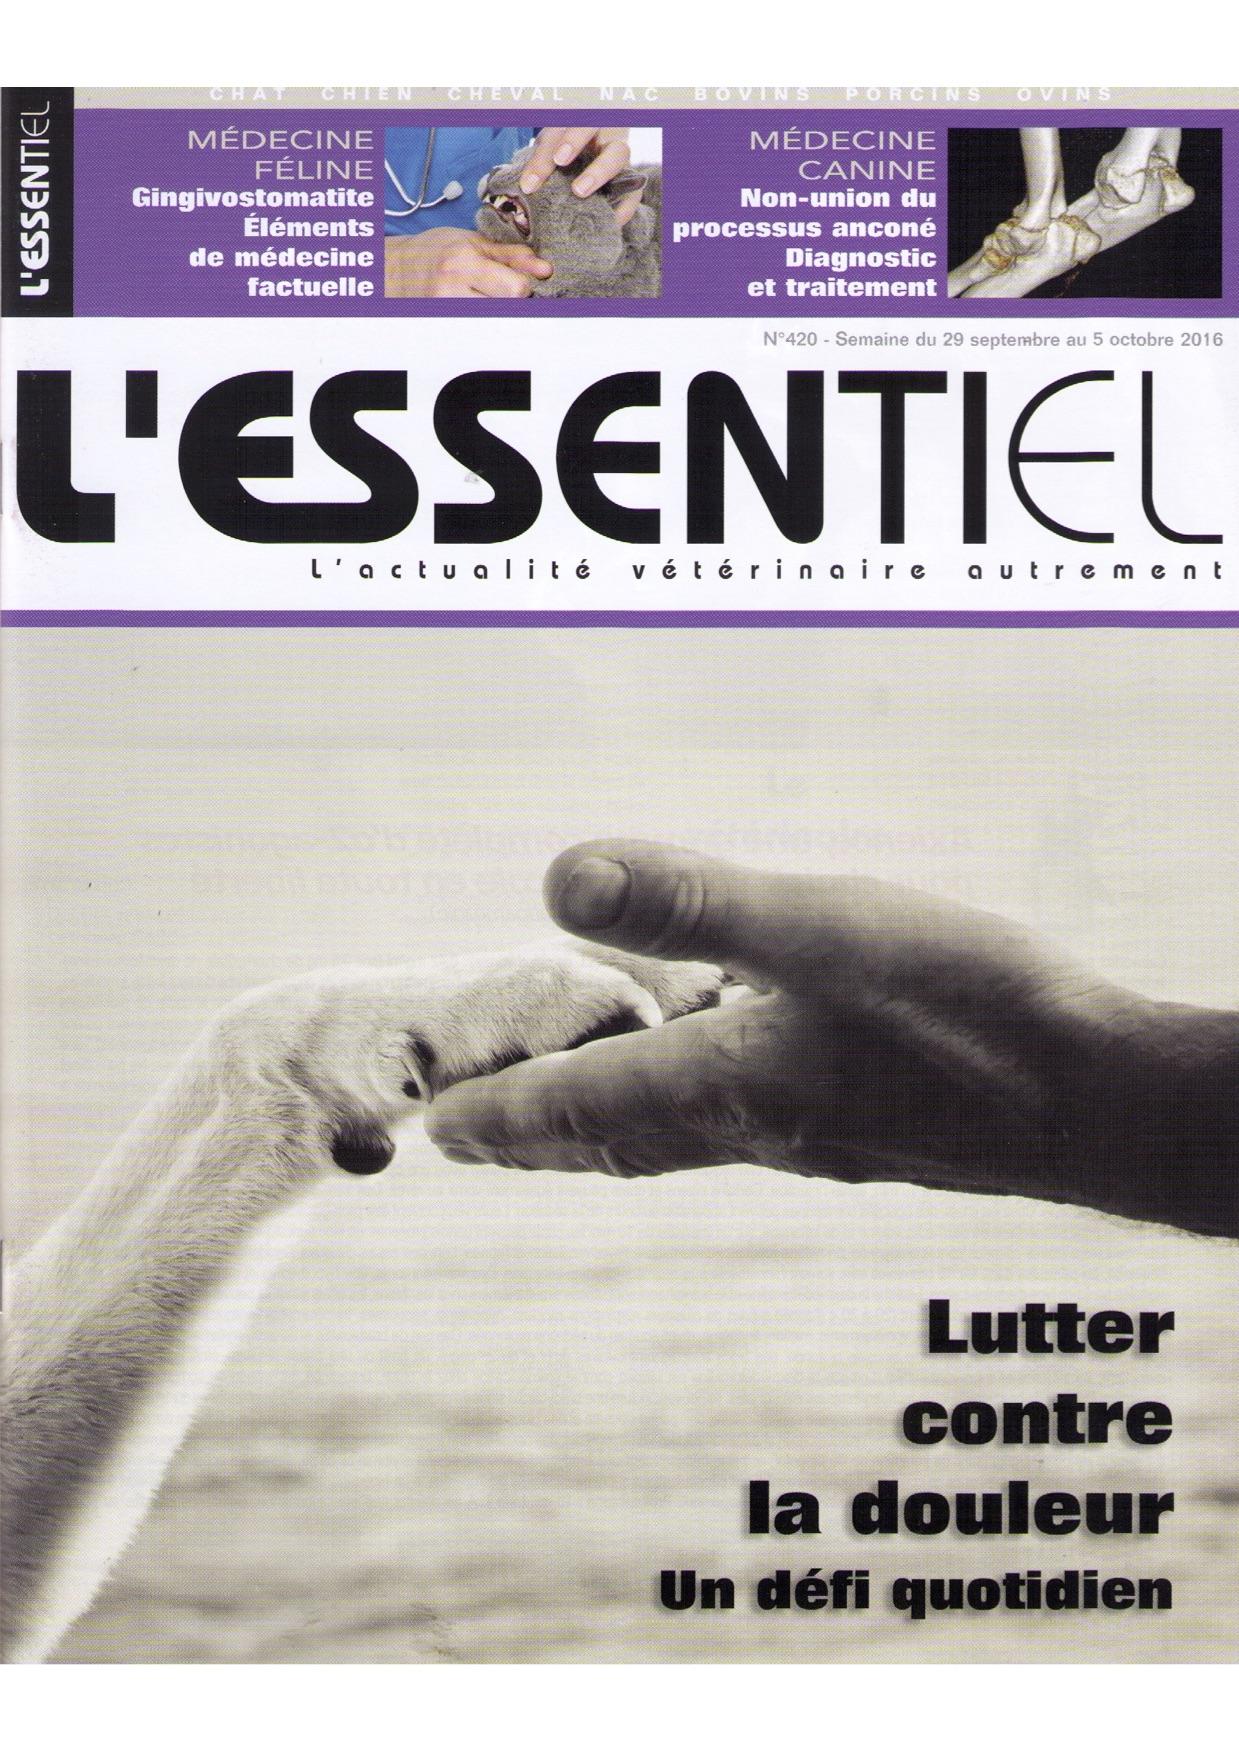 L'ESSENTIEL / 29 SEPTEMBRE 2016